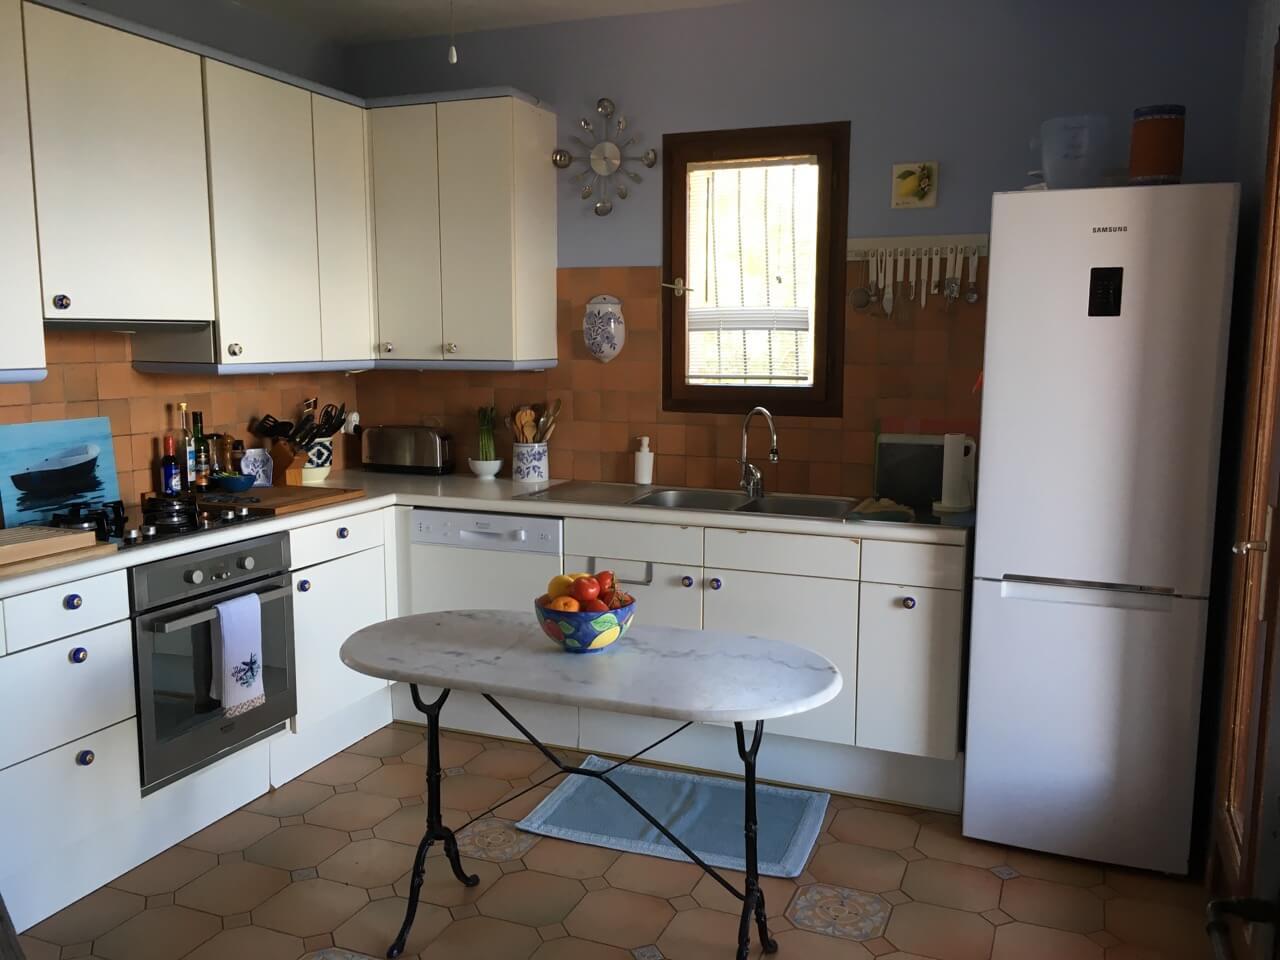 Kitchen Newest with fridge